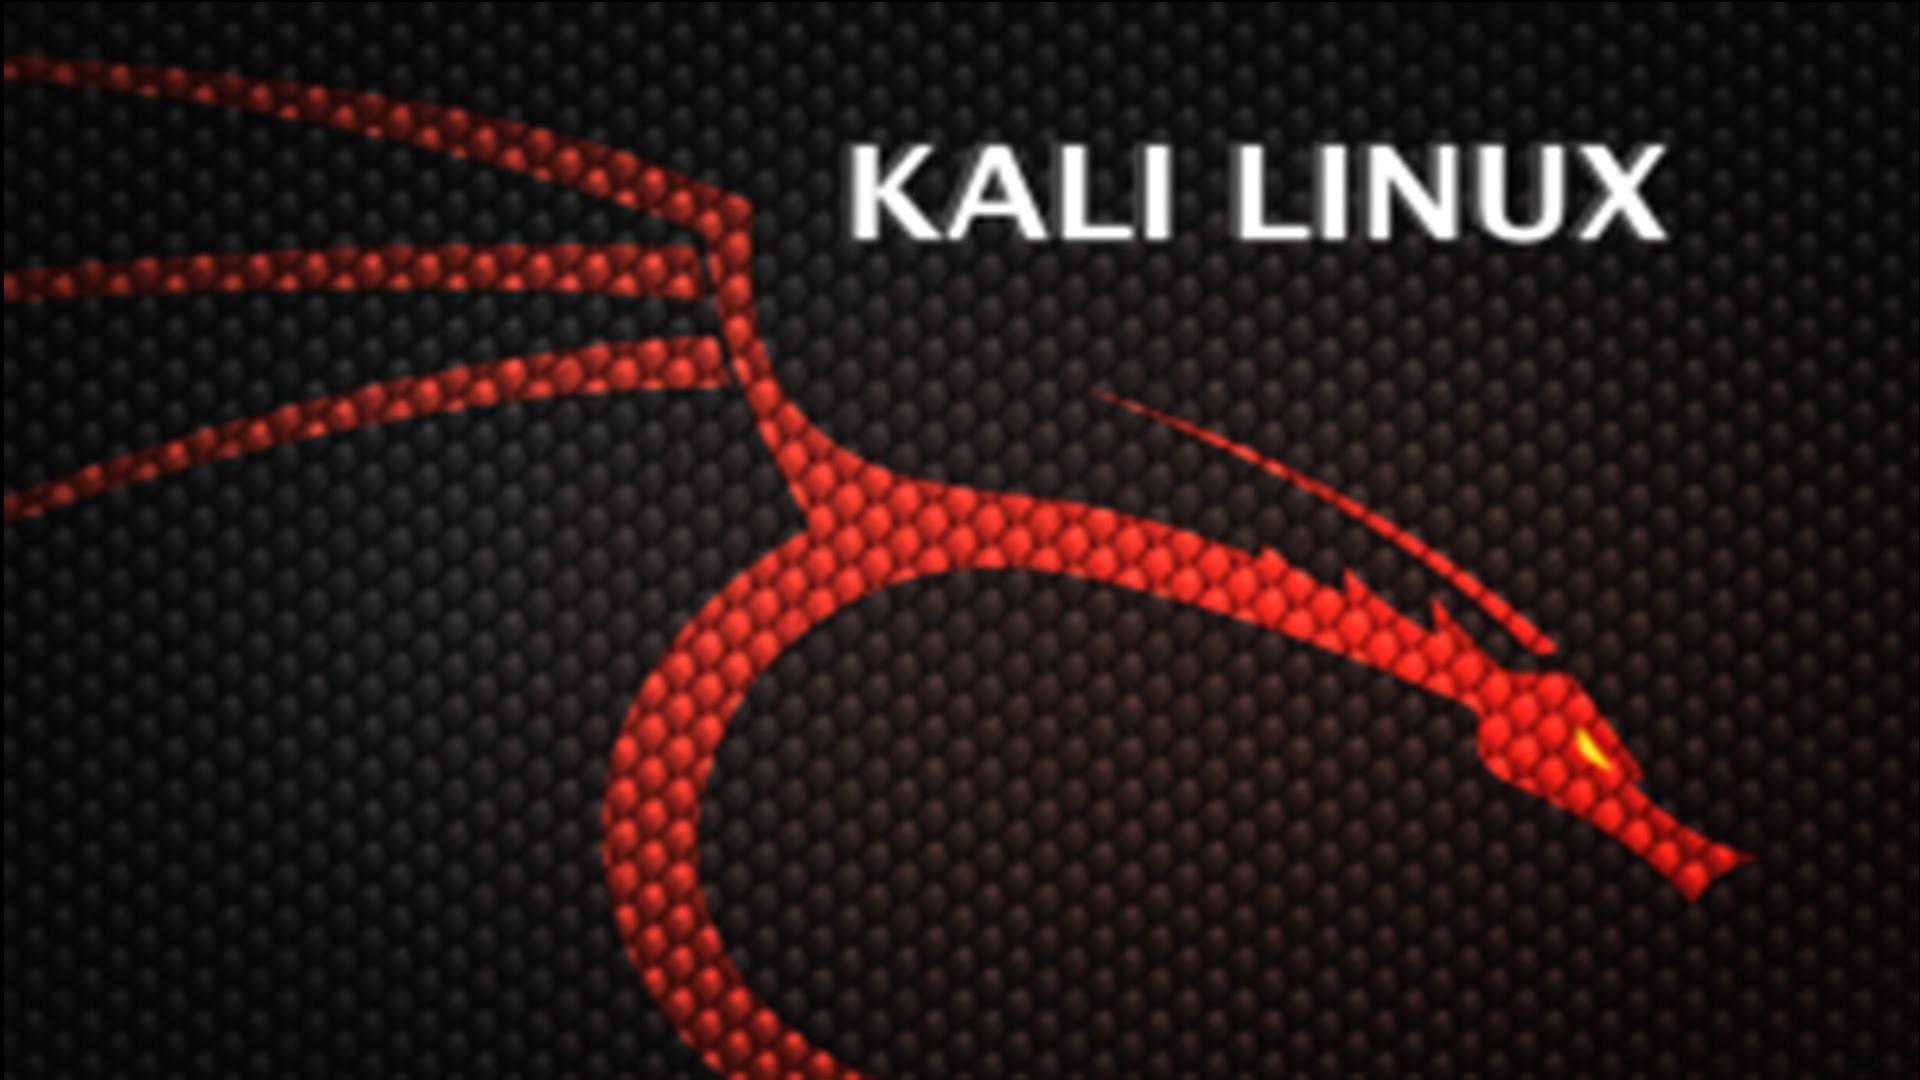 Kali Linux Desktop Wallpaper 72 Images